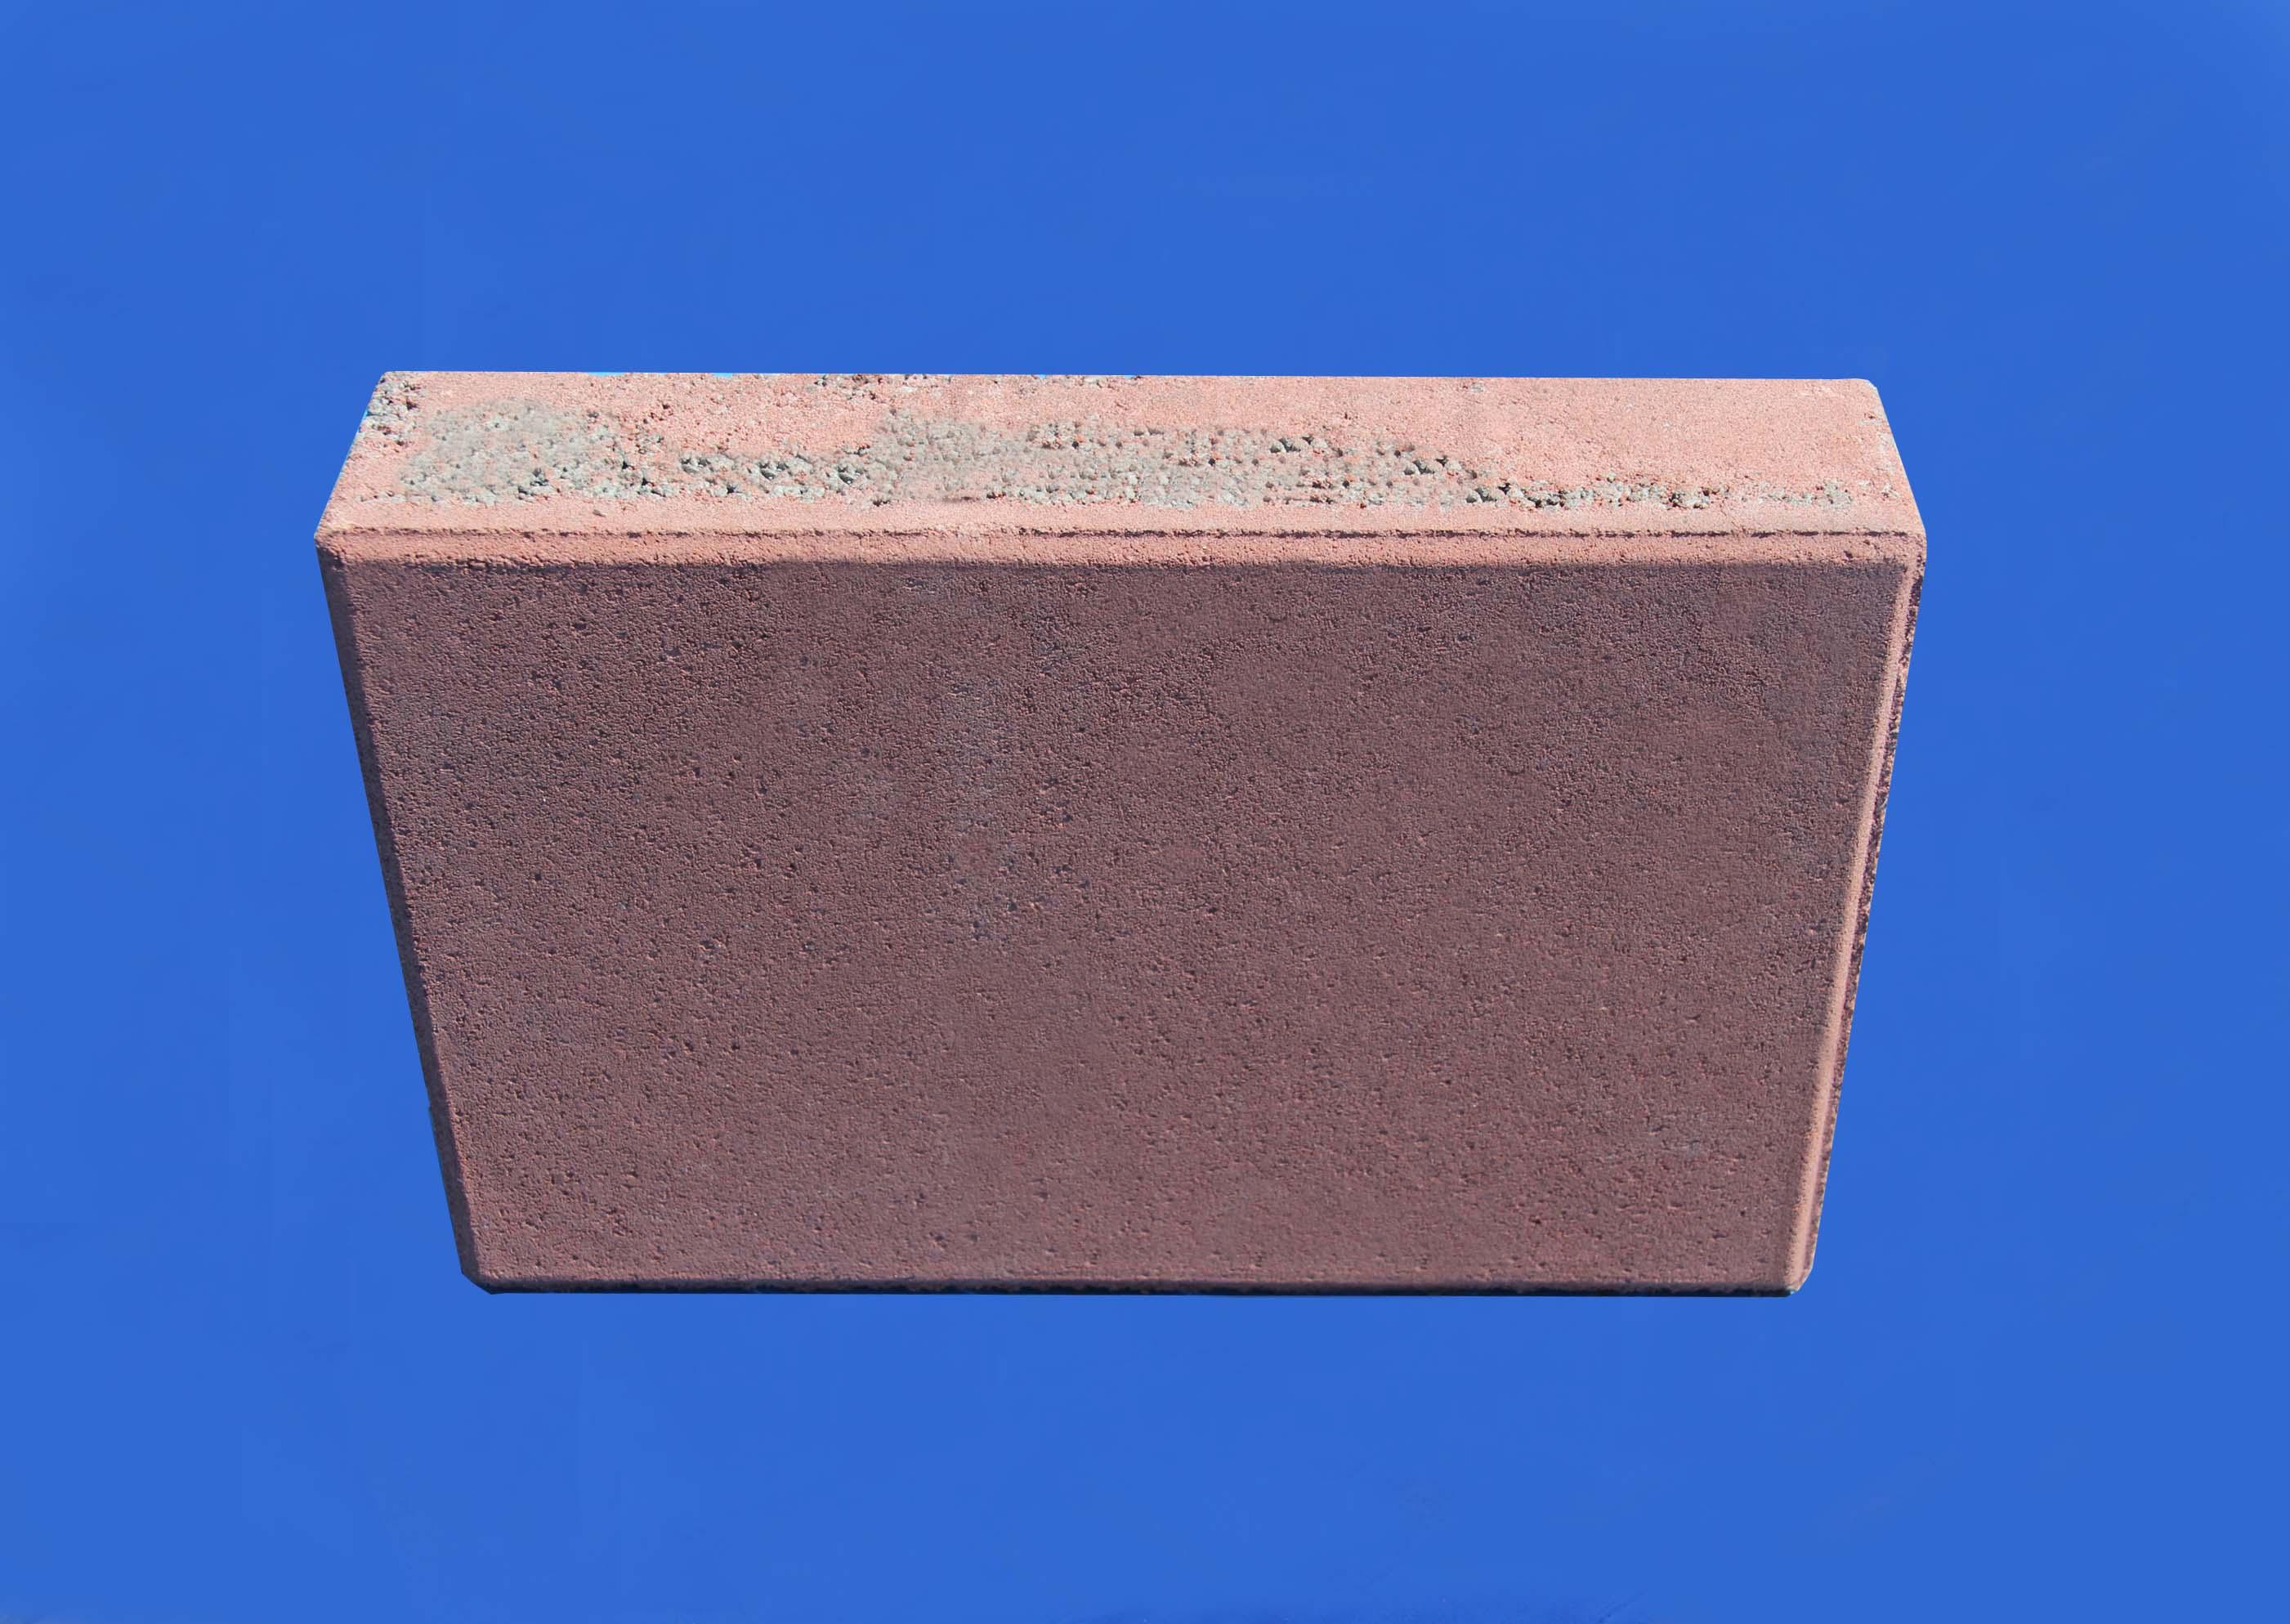 彩色地面磚系列之紅色矩形地磚